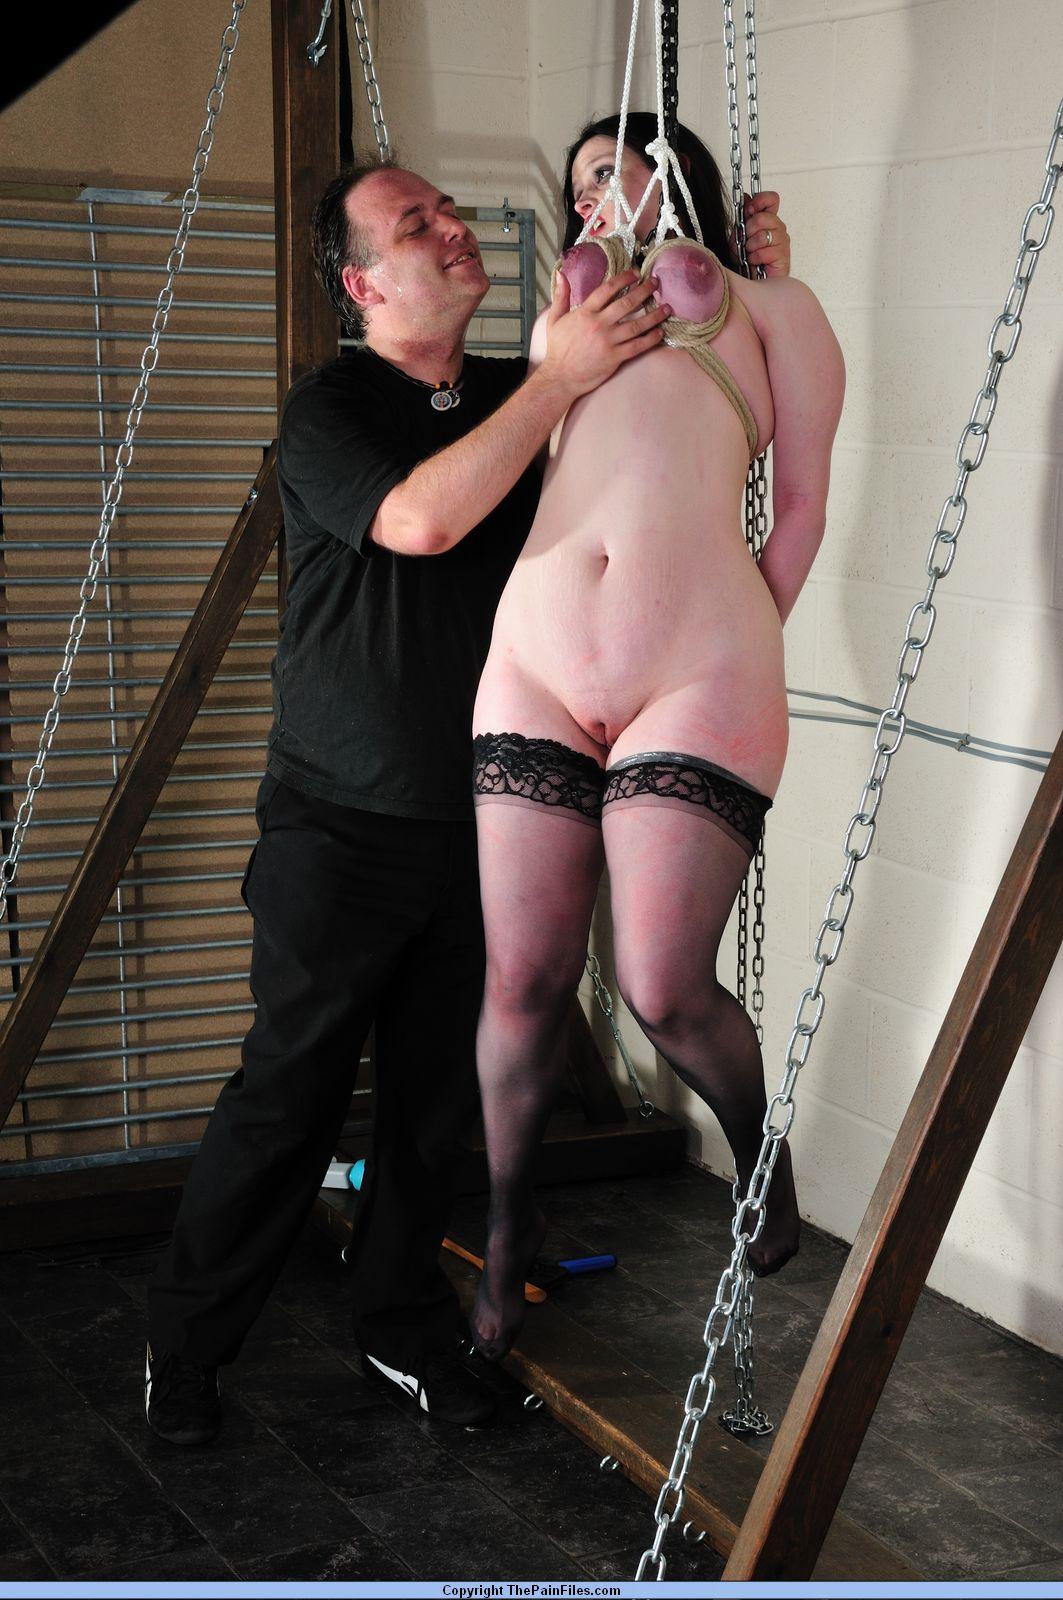 Жесткое порно подвешивание за груди фото 216-855